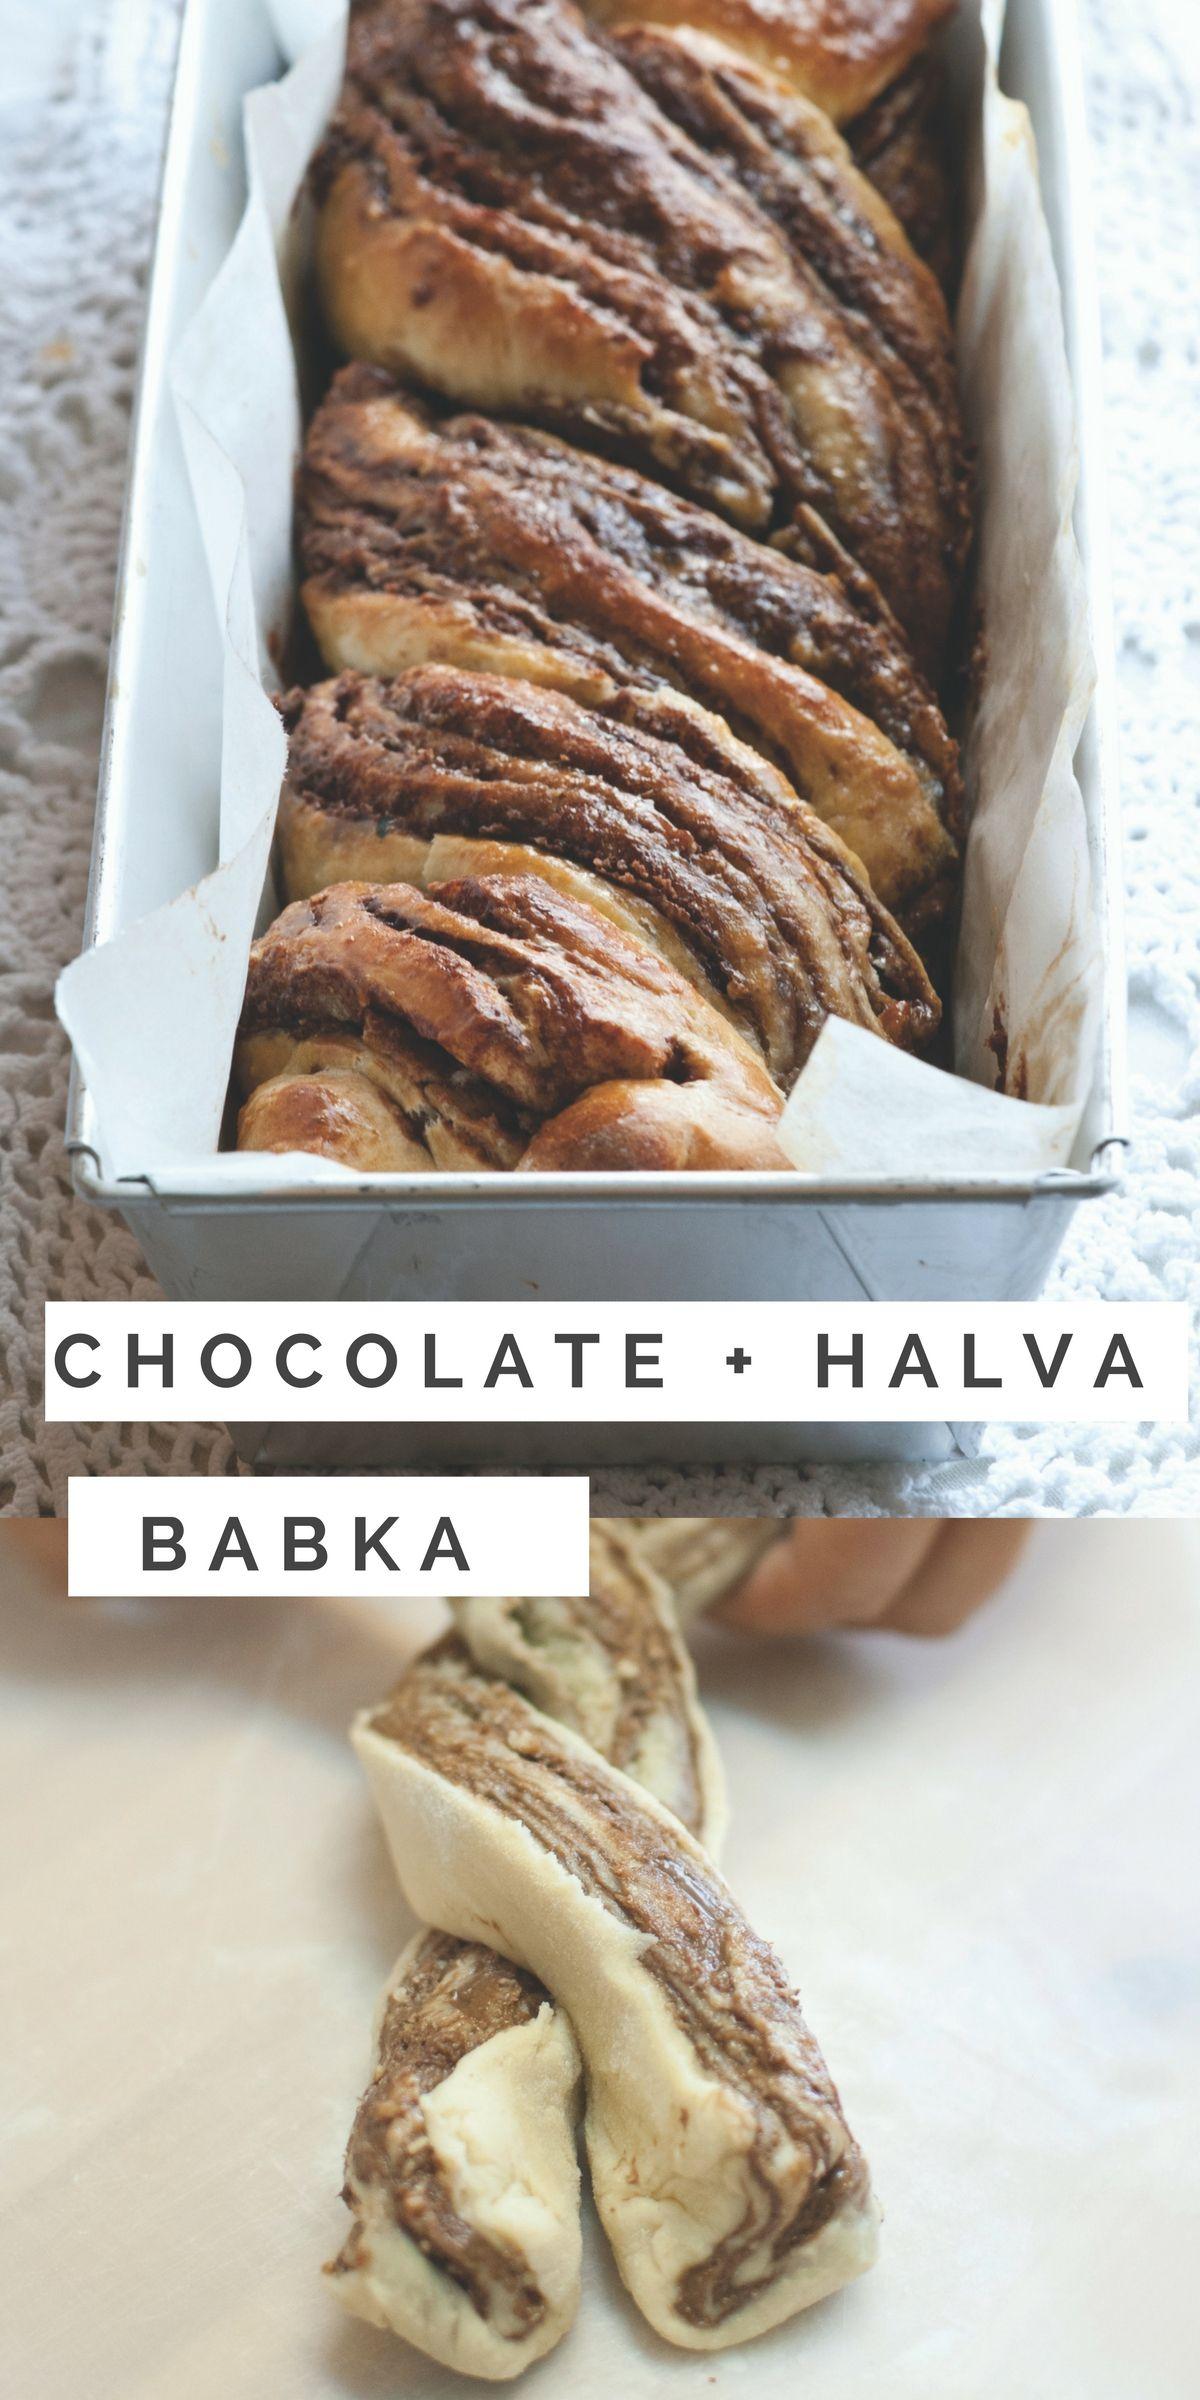 Halva and Chocolate Babka | Receta | Postres, Cocina oriental y ...